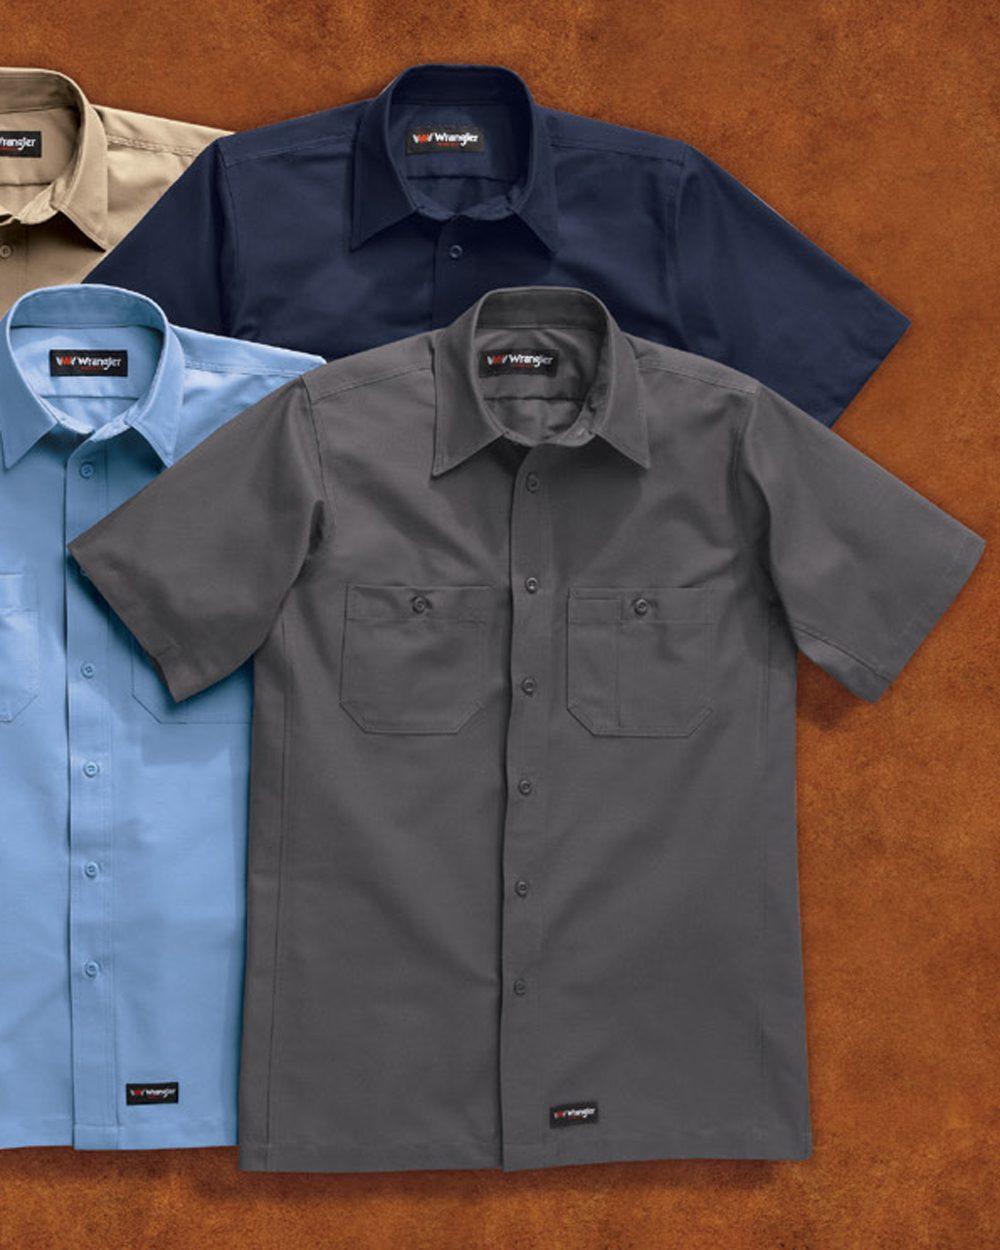 Wrangler Short Sleeve Work Shirt - WS20